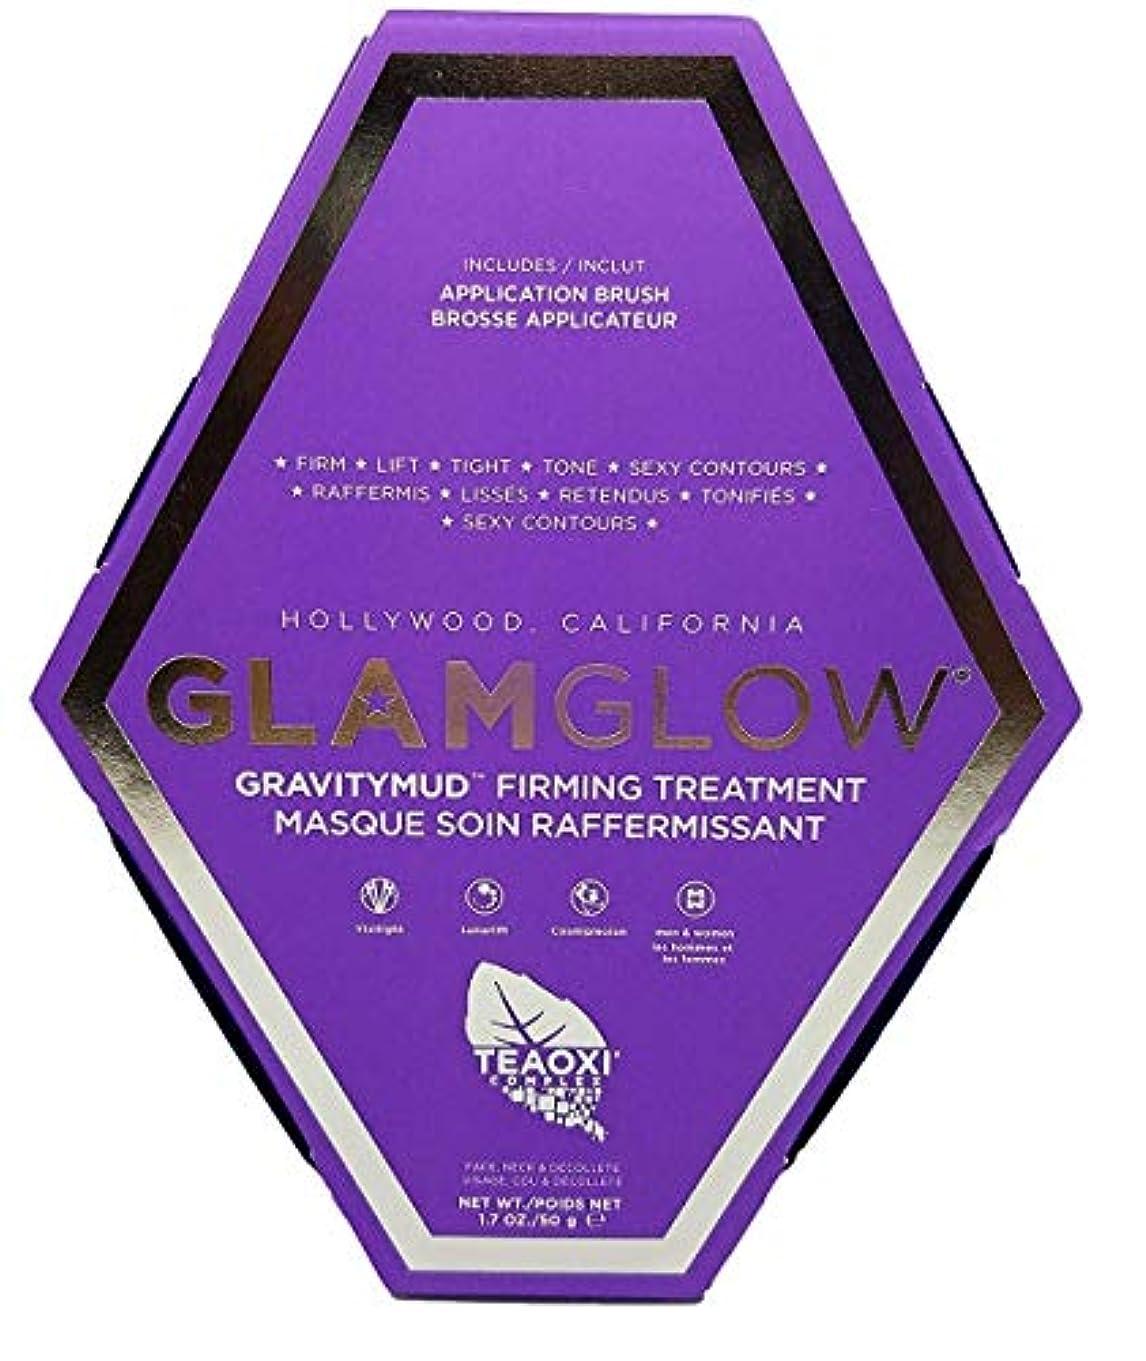 グラムグロウ グラヴィティマッドファーミングトリートメント パープル 40g[001322][並行輸入品]